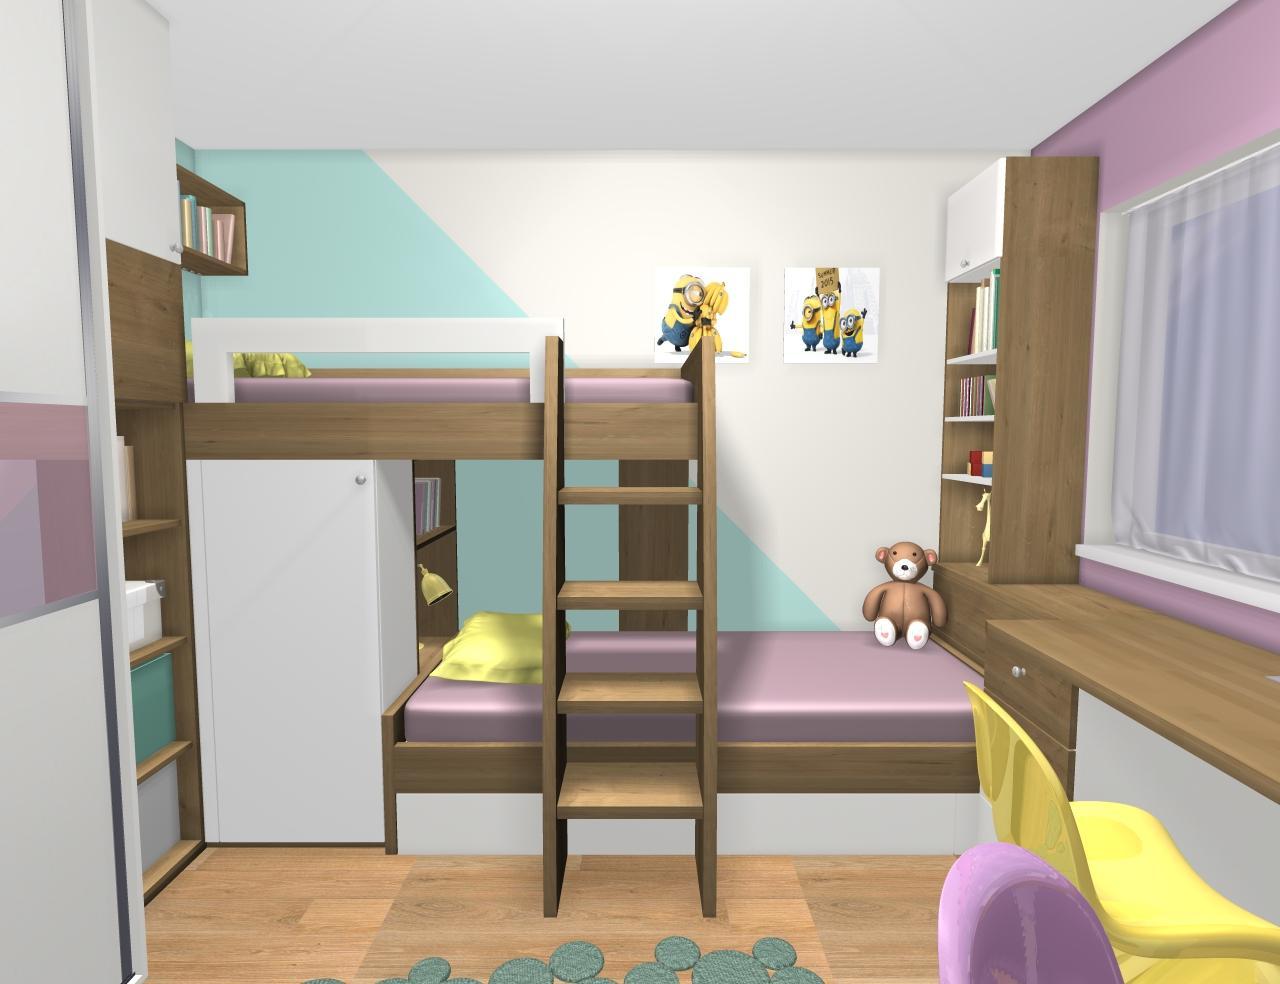 Grafické návrhy interiér 2019 - Grafický návrh detskej izby pre dve dievčatká - verzia 1 - obr.5